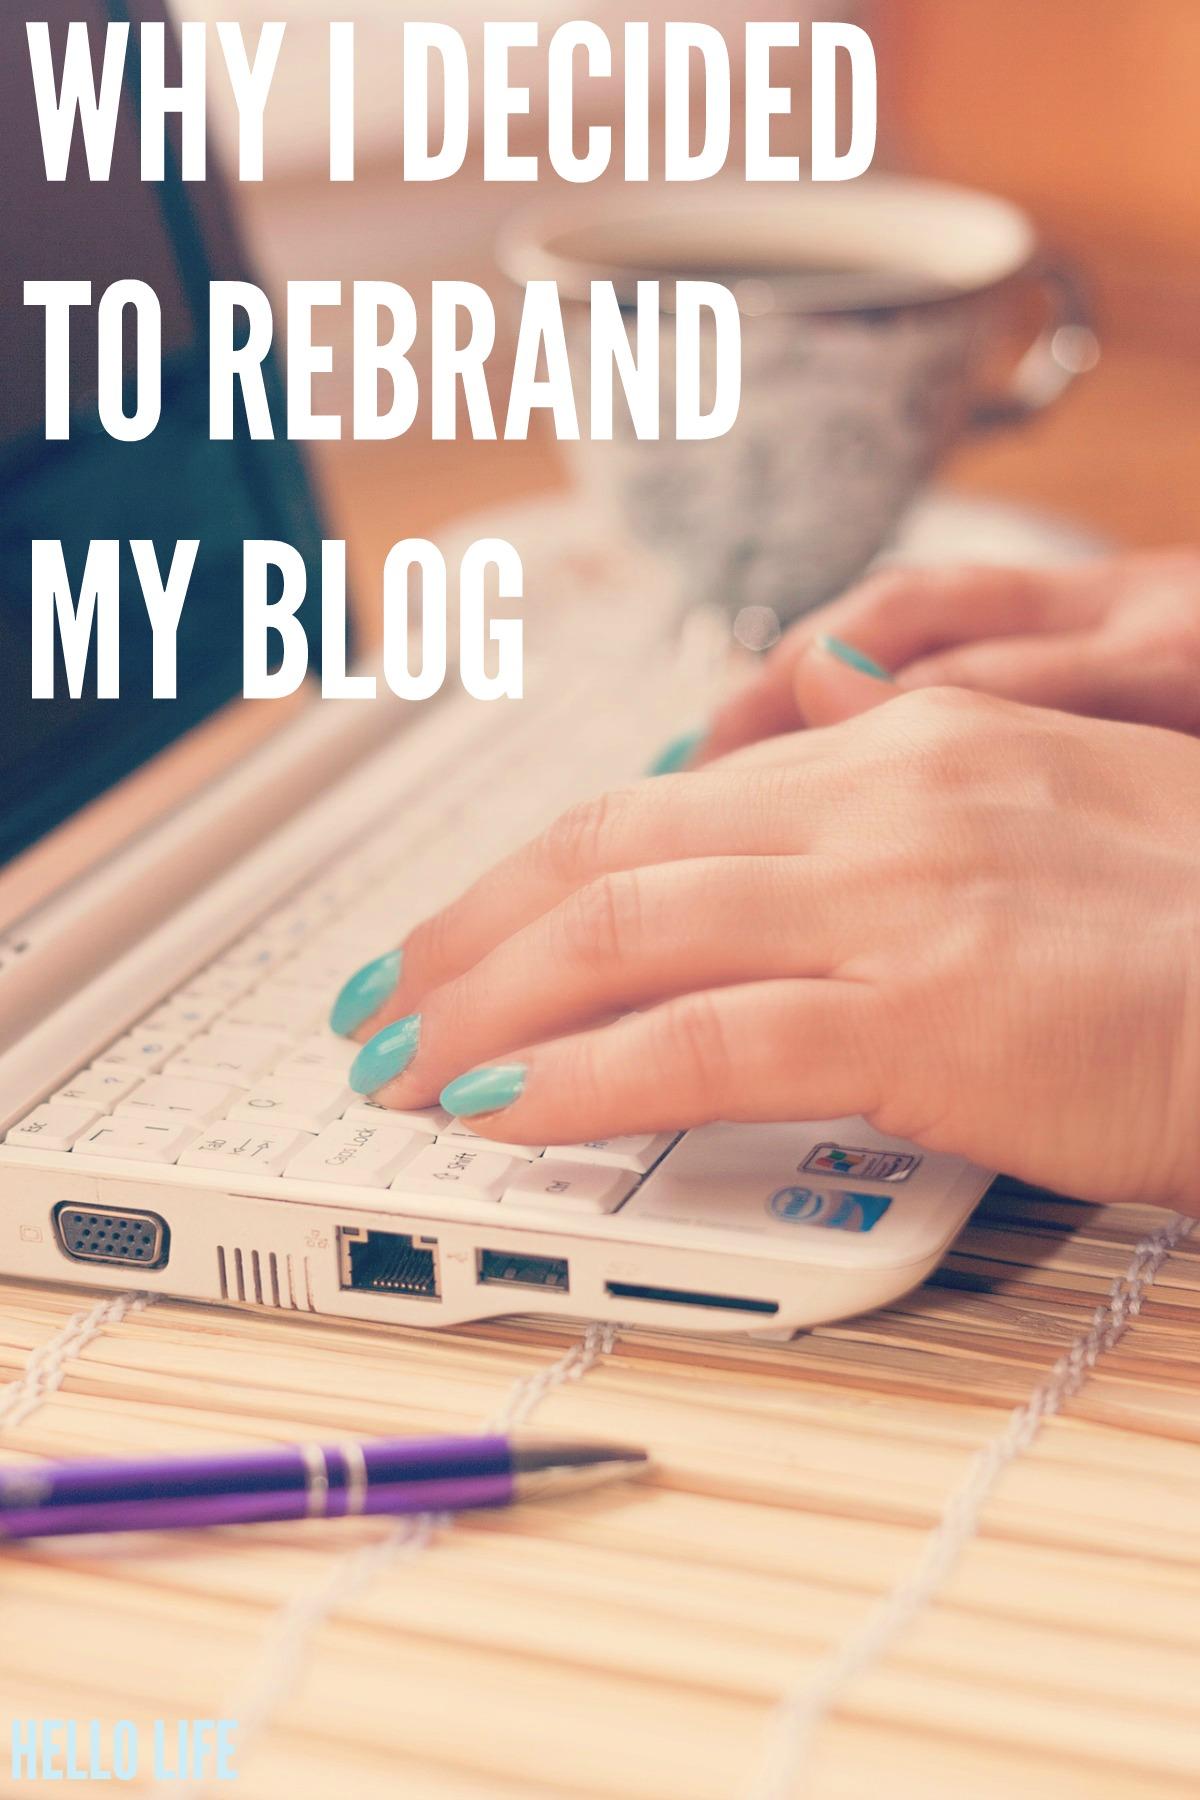 Why I decided to rebrand my blog via Hello Life hellolifeonline.com